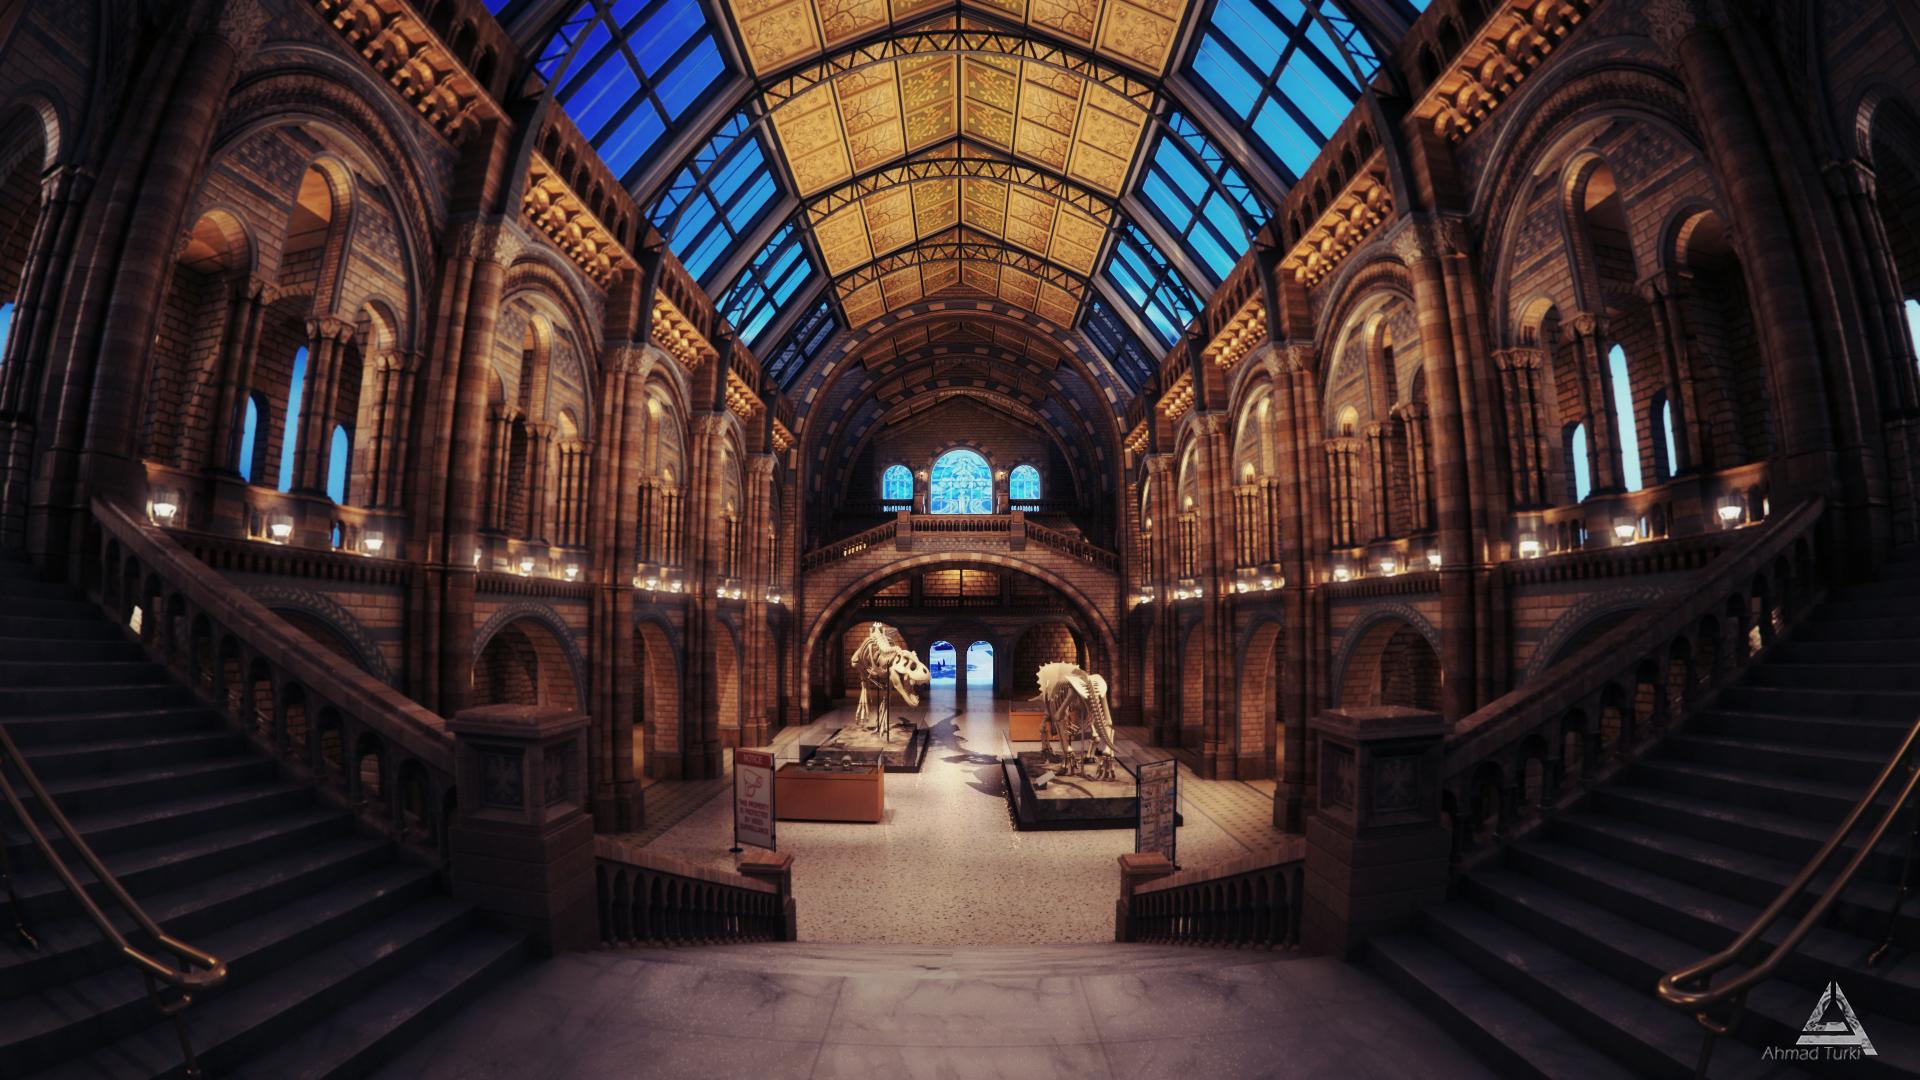 History Museum NightShot by AhmadTurk